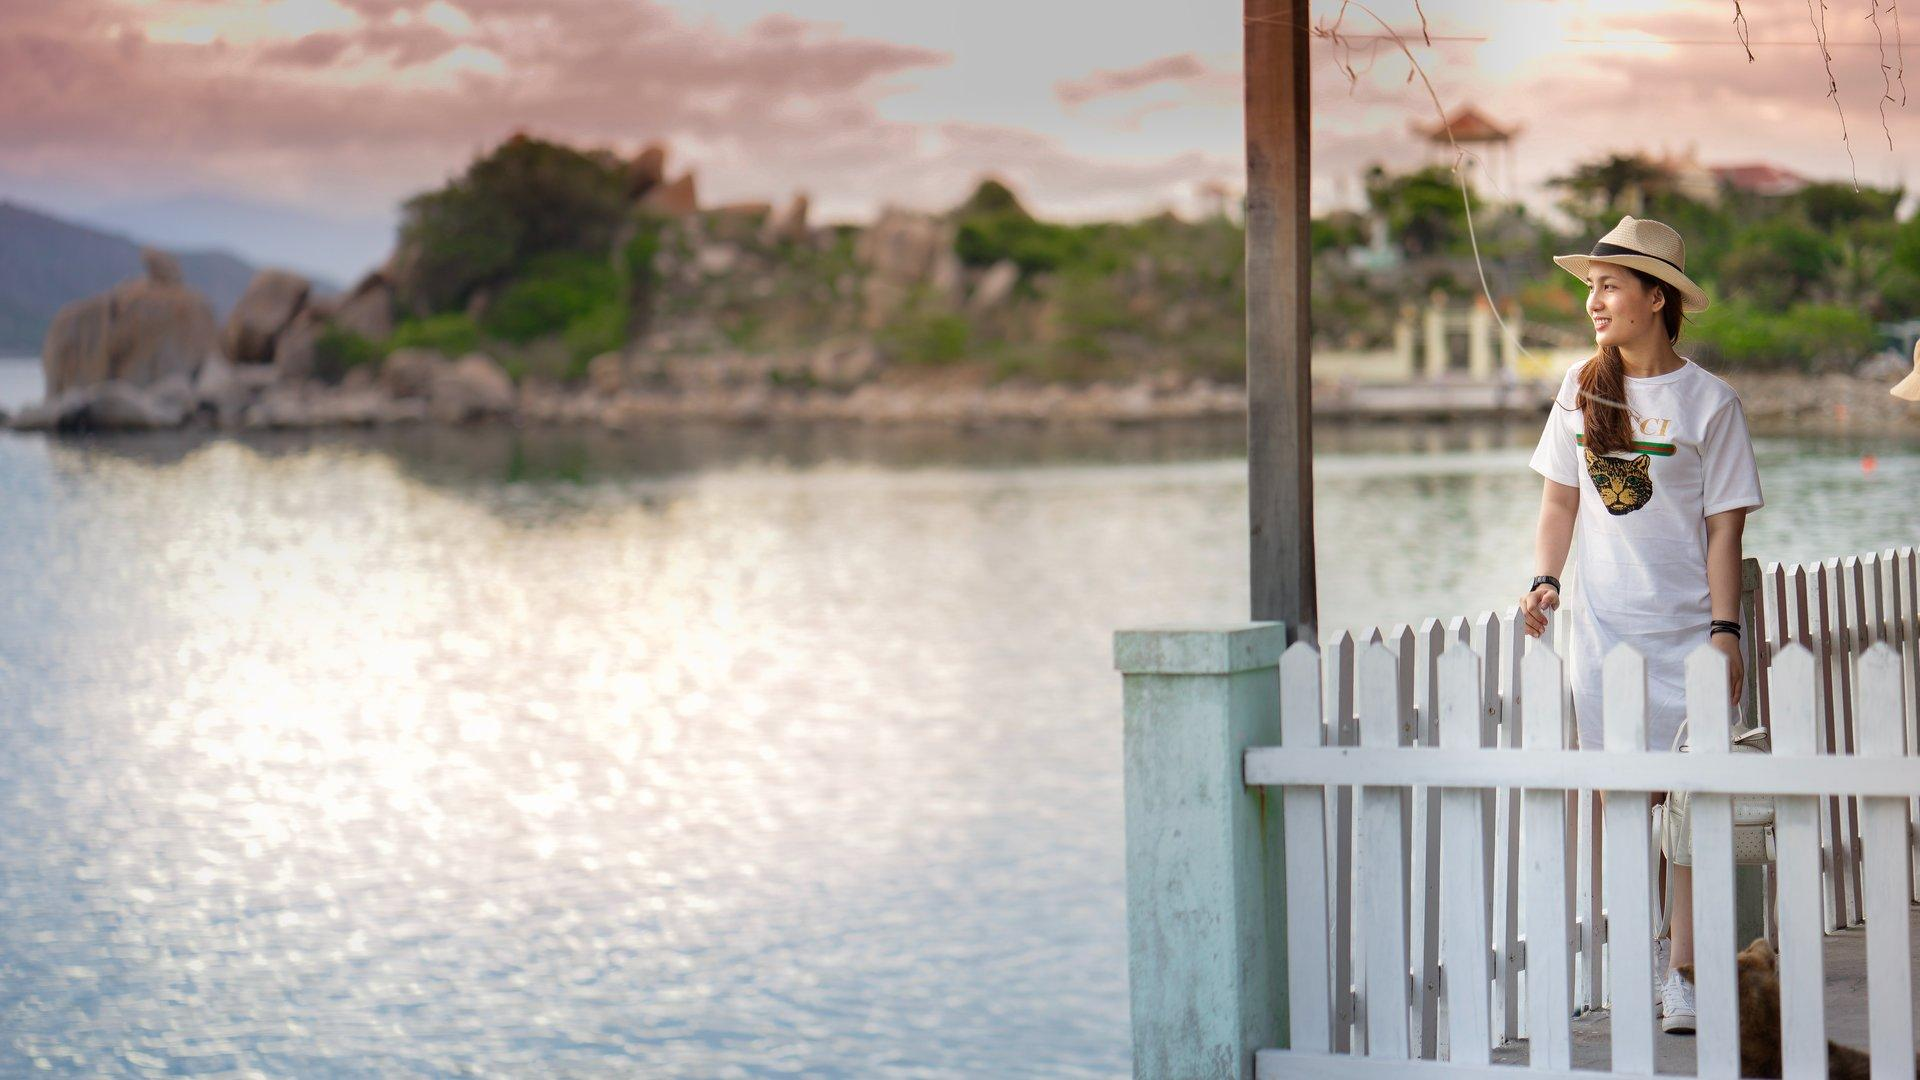 Bình Hưng Island